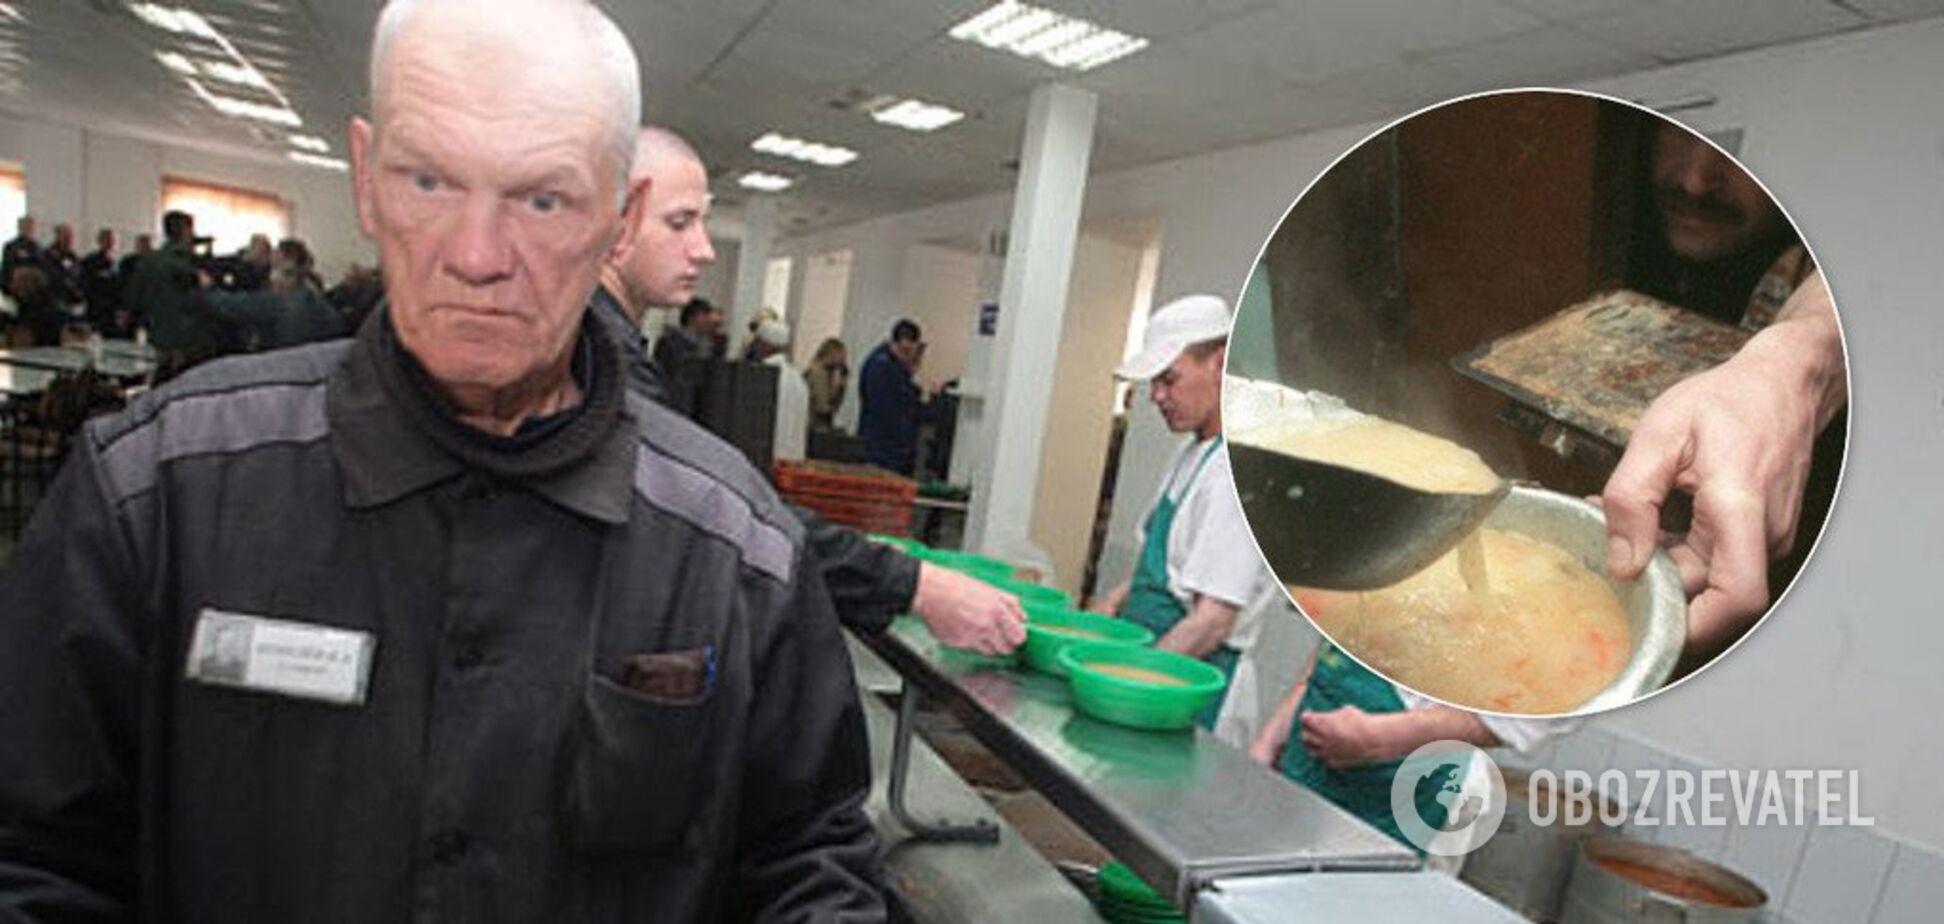 В України тюремники закуплять м'ясо з сальмонелою на мільярди гривень